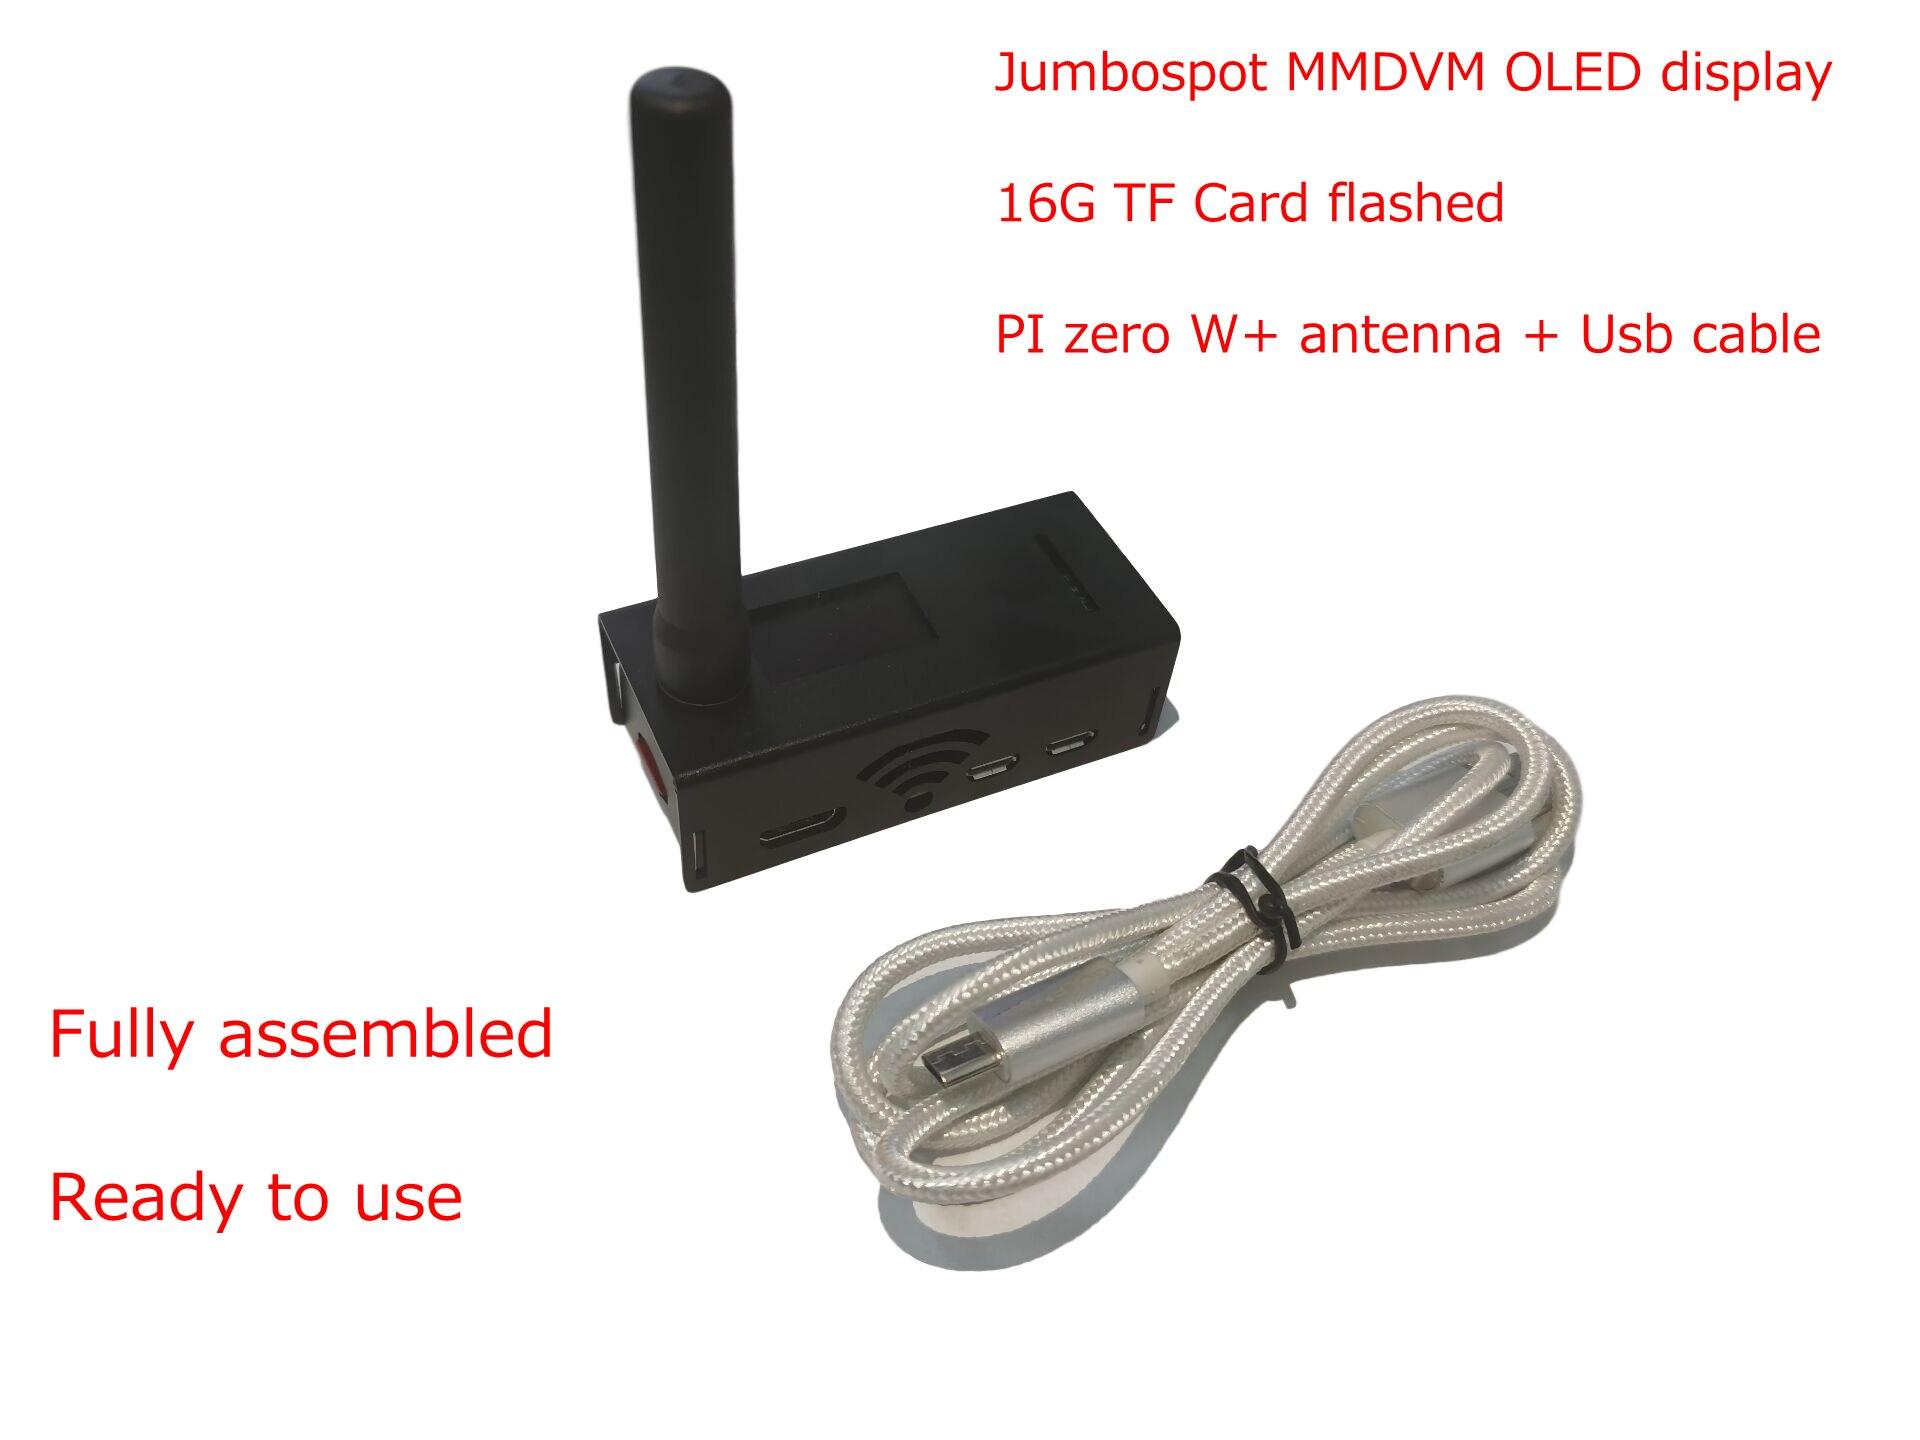 Assembled JUMBOSPOT MMDVM Hotspot QSO Support P25 DSTAR DMR YSF NXDN + Raspberry Pi Zero W +OLED +Antenna + 16G SD Card + Case